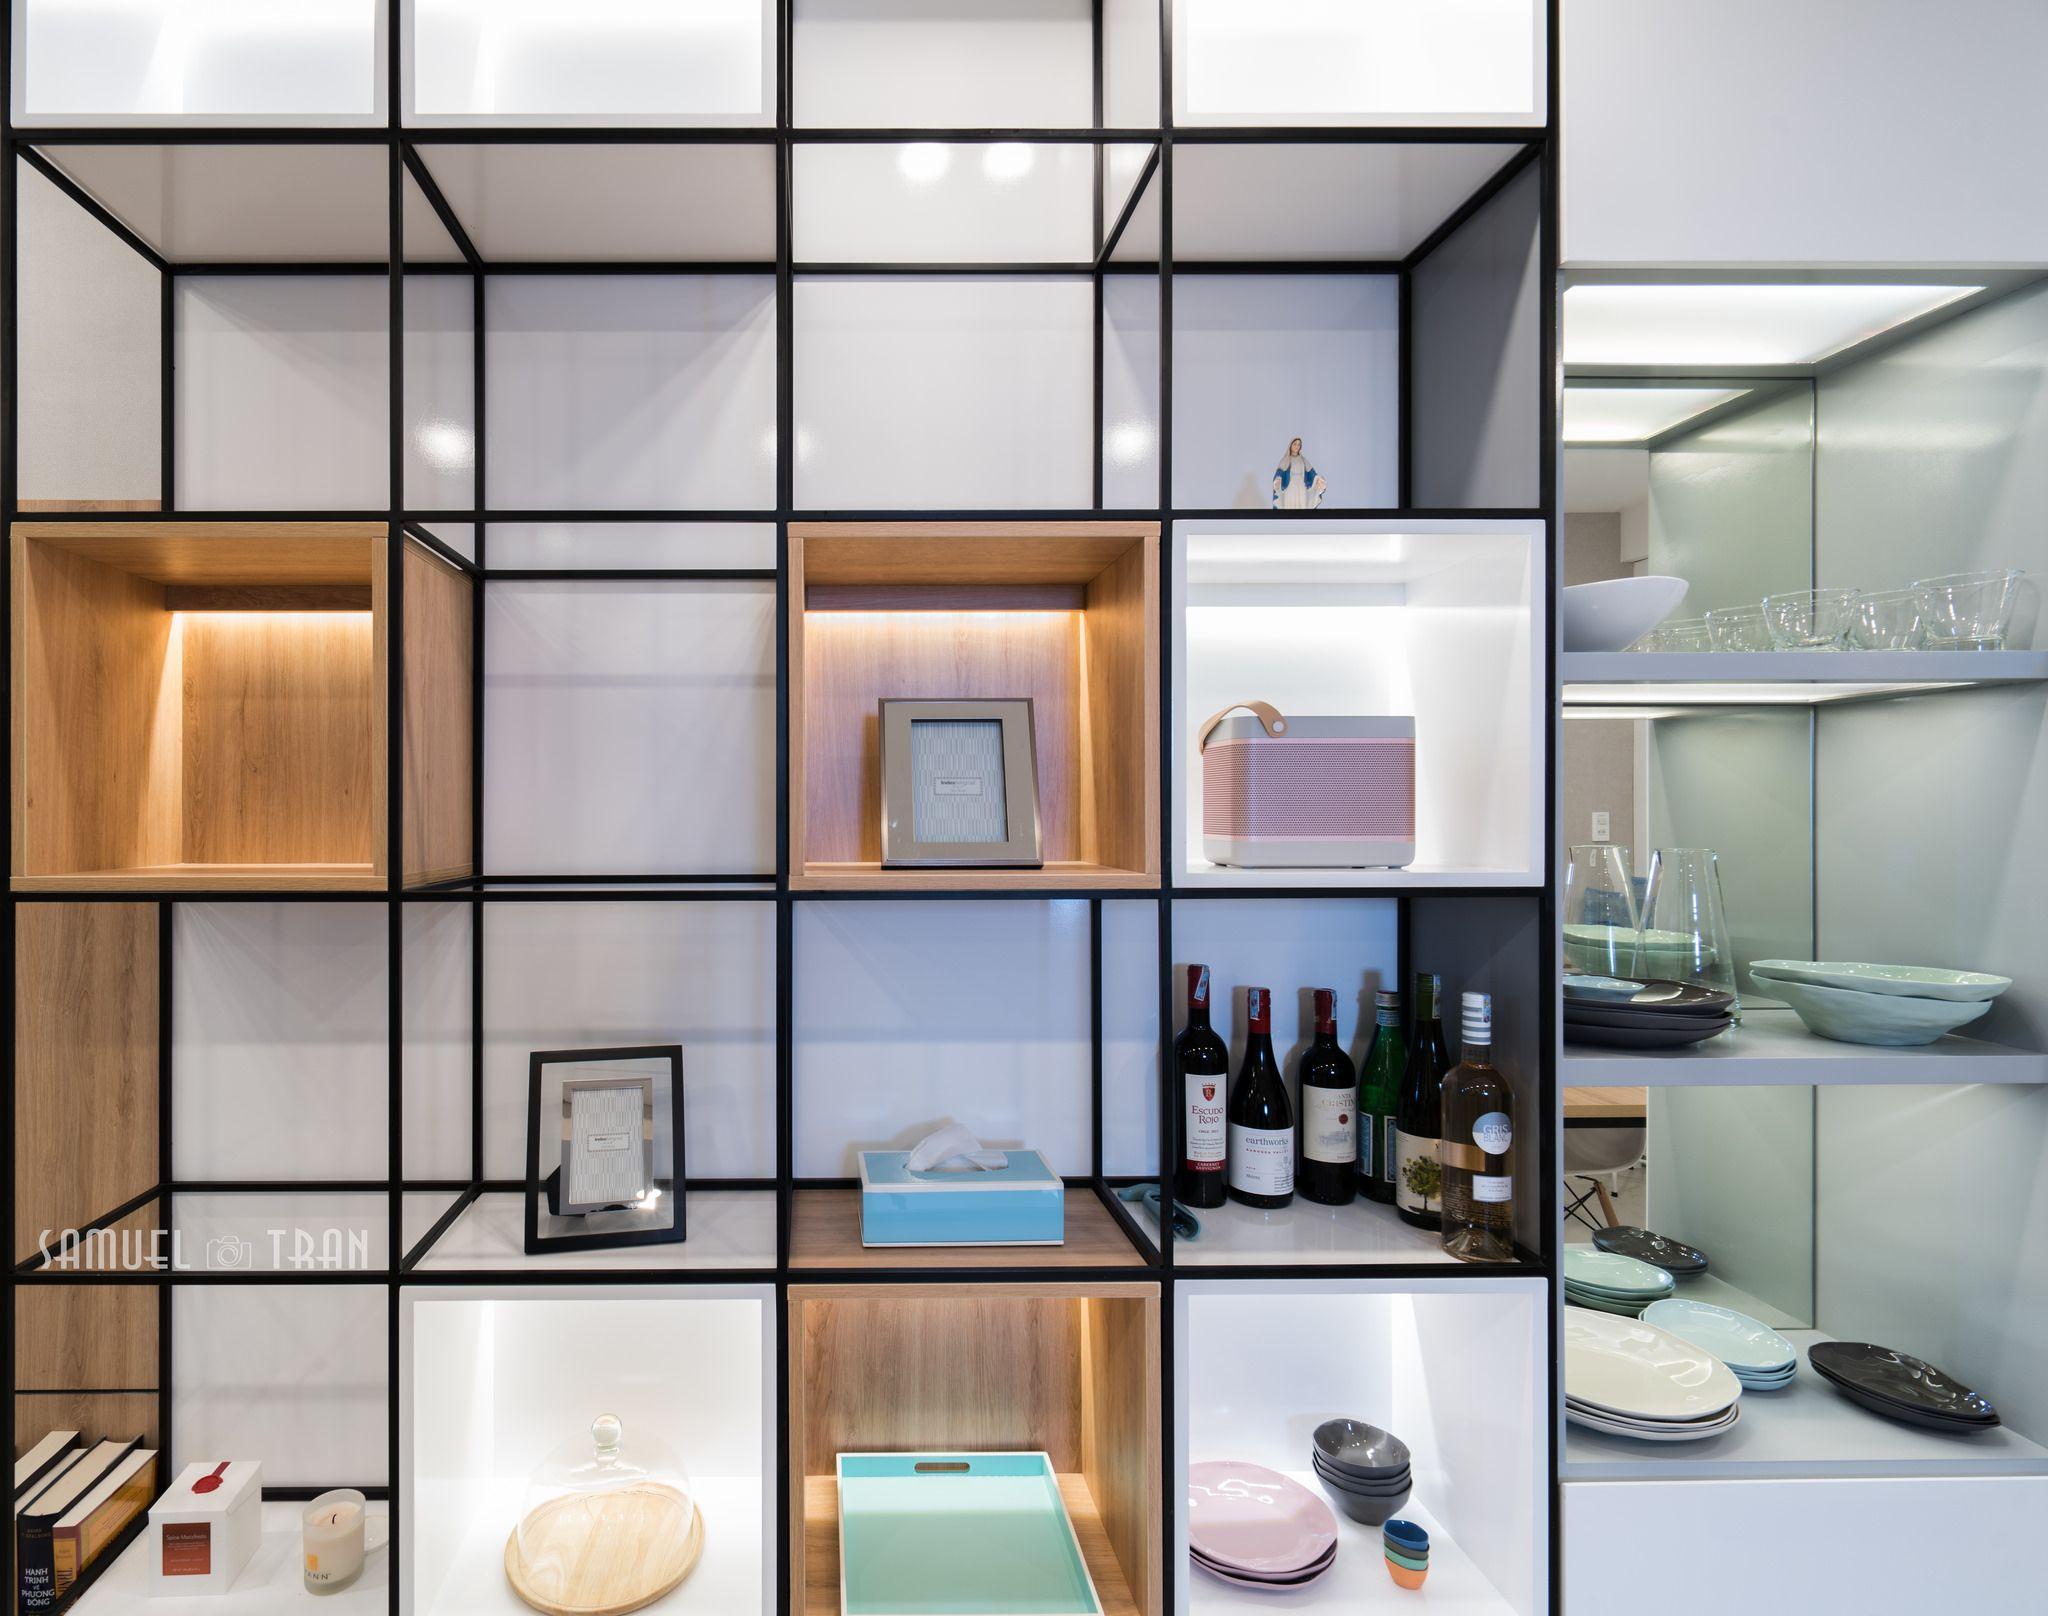 Kast Woonkamer Design : Afbeeldingsresultaat voor open kast design woonkamer